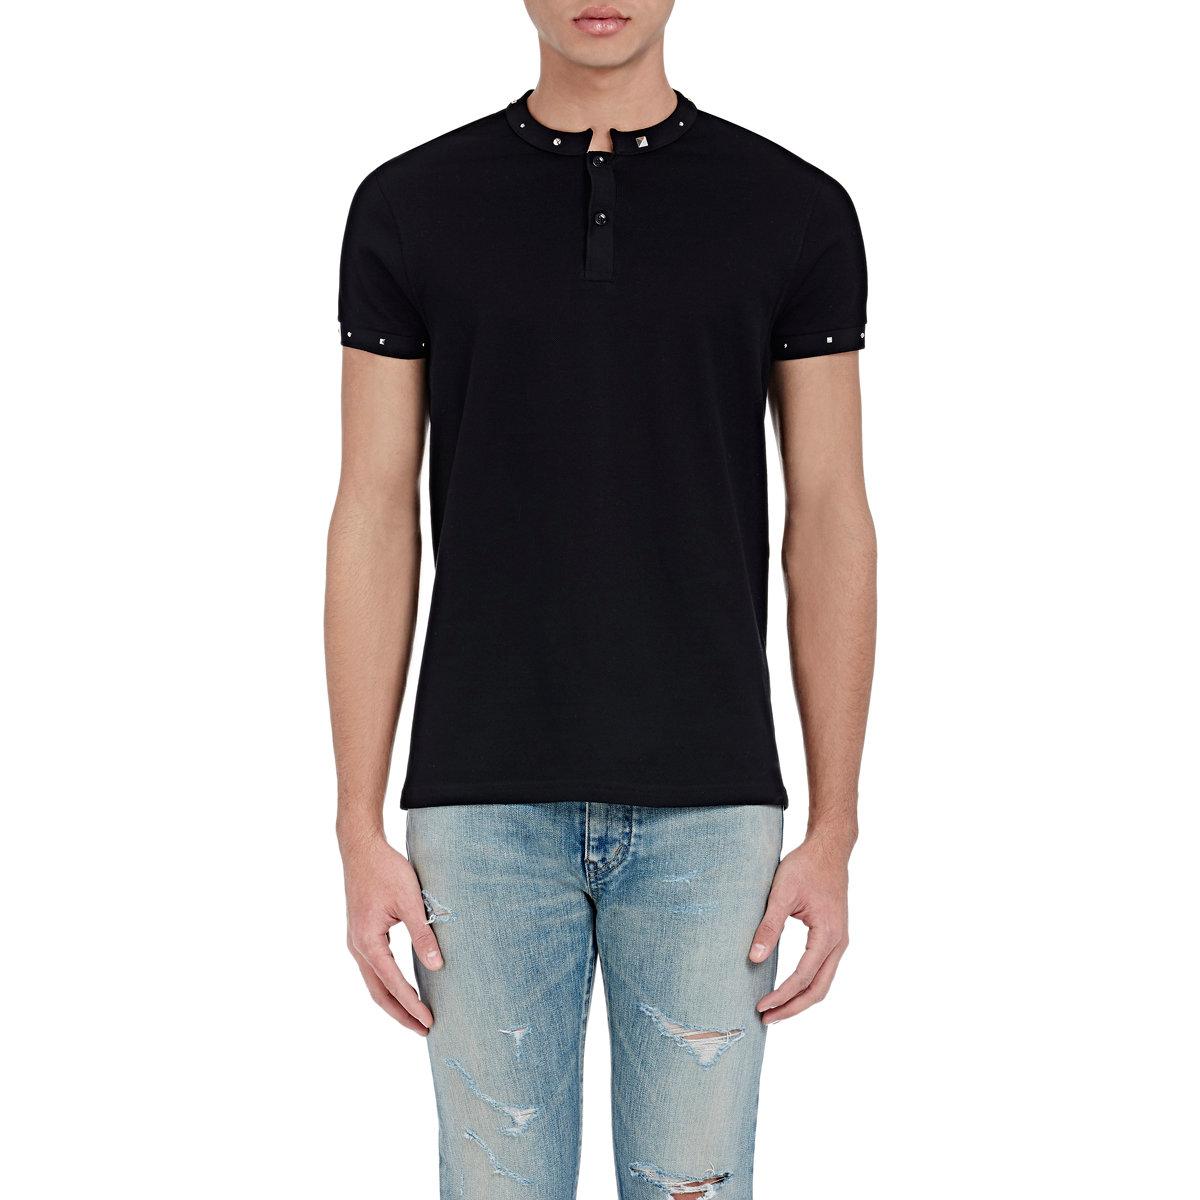 Saint laurent studded t shirt in black for men lyst for Saint laurent t shirt